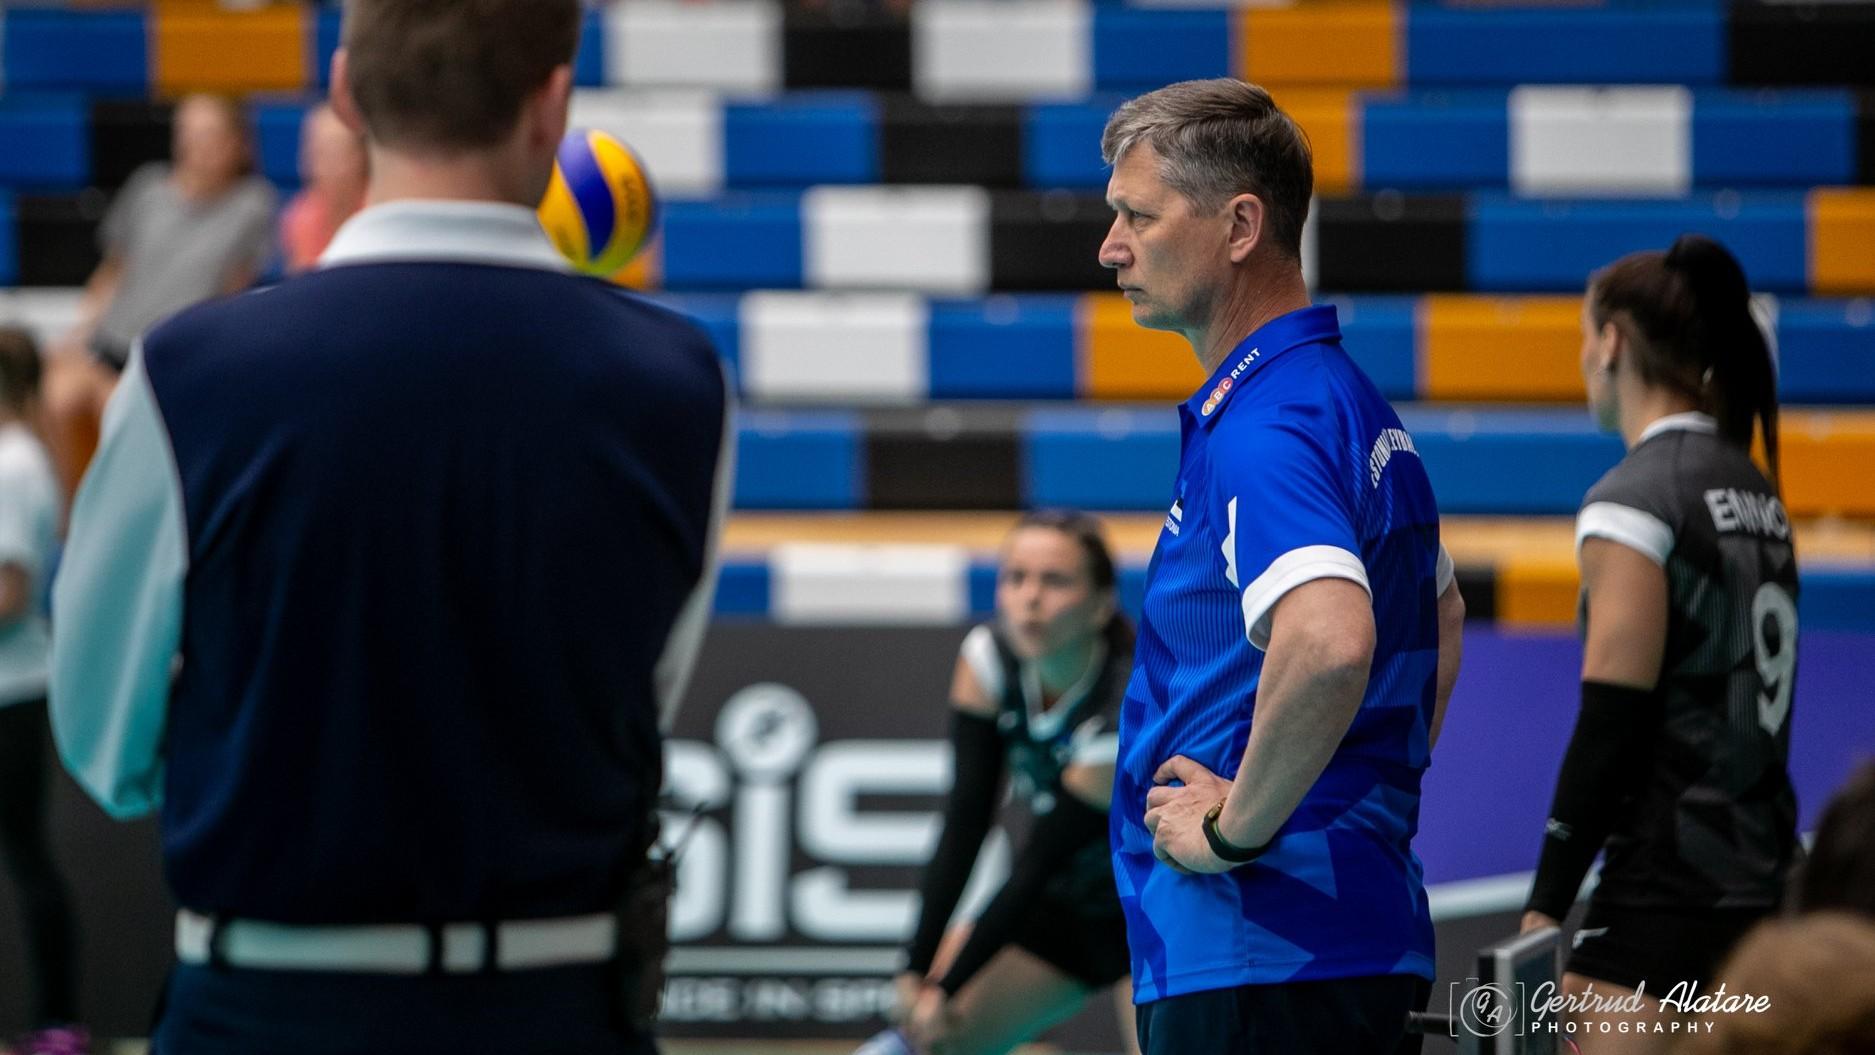 INTERVJUU   Mis on peatreener Ojametsa hinnagul täna Eesti suurim nõrkus ja tugevus?